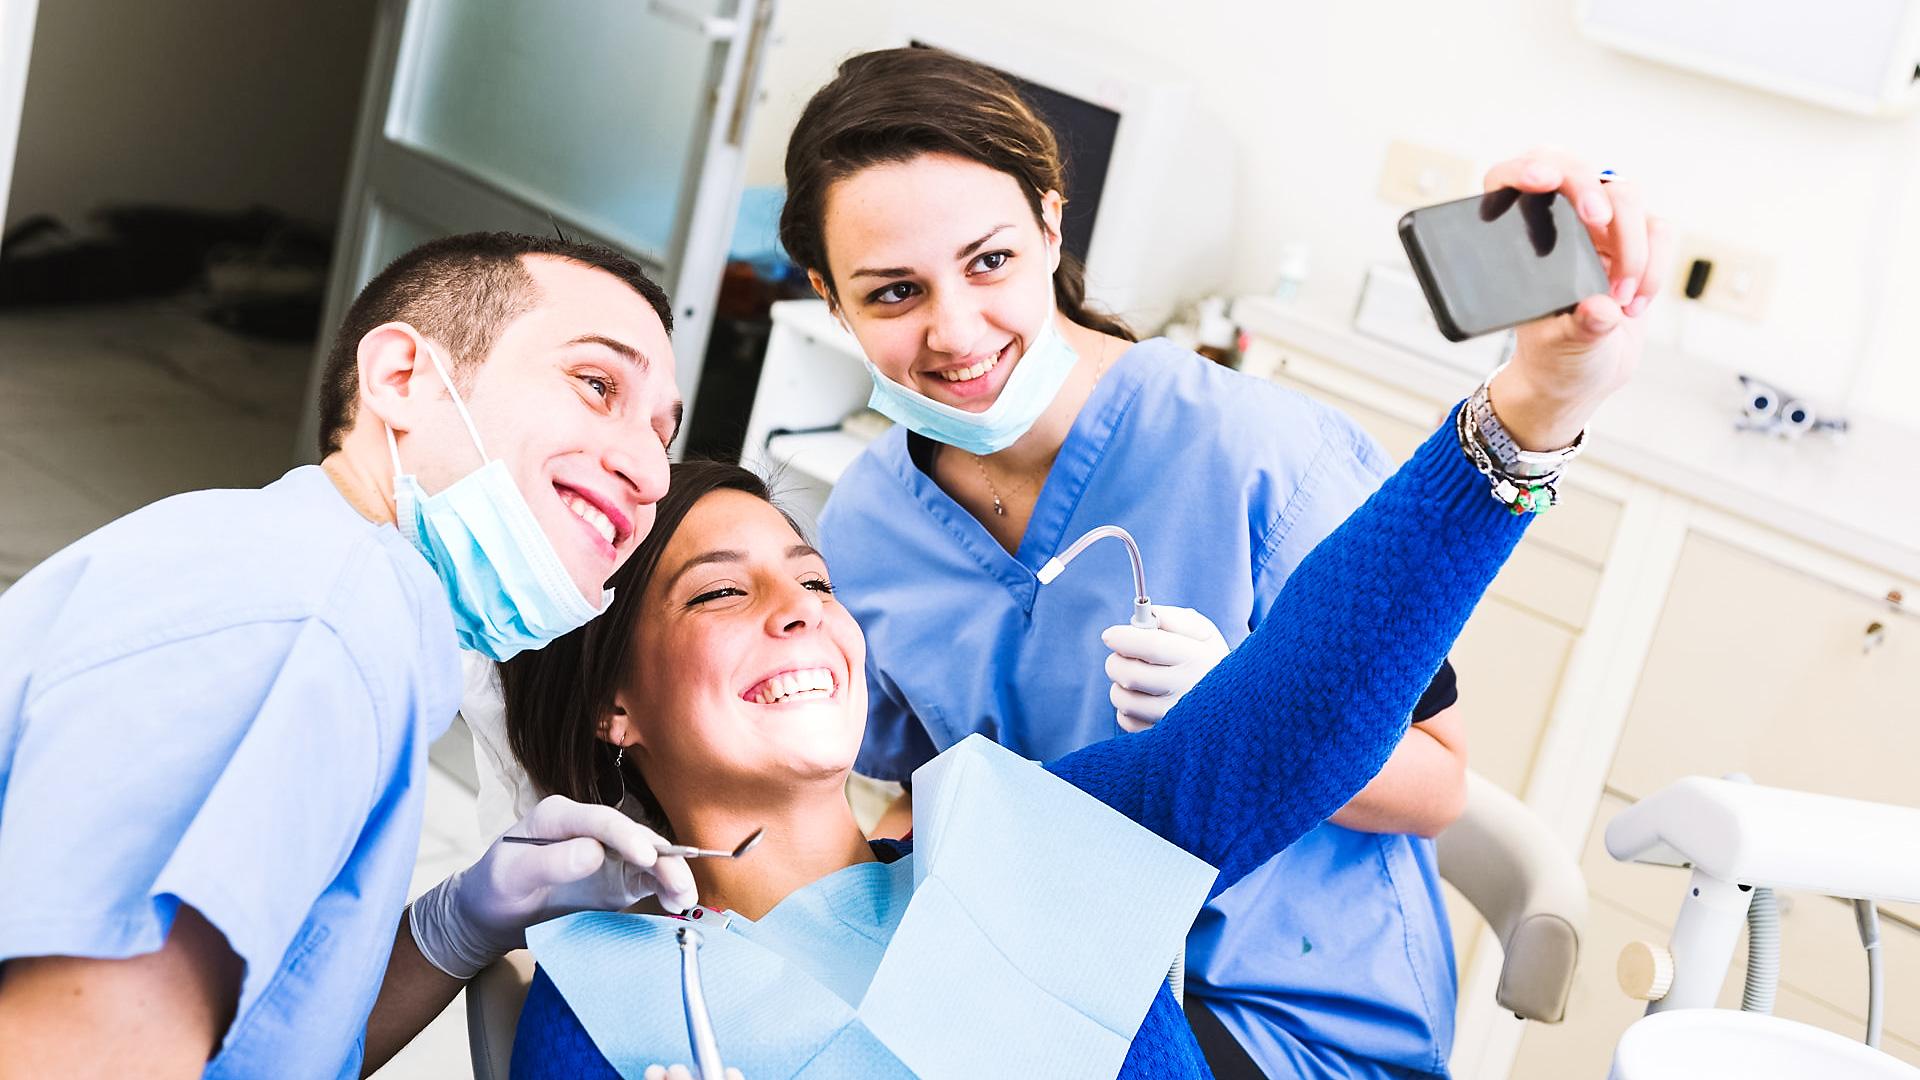 Три вещи, по которым легко отличить хорошего стоматолога от плохого